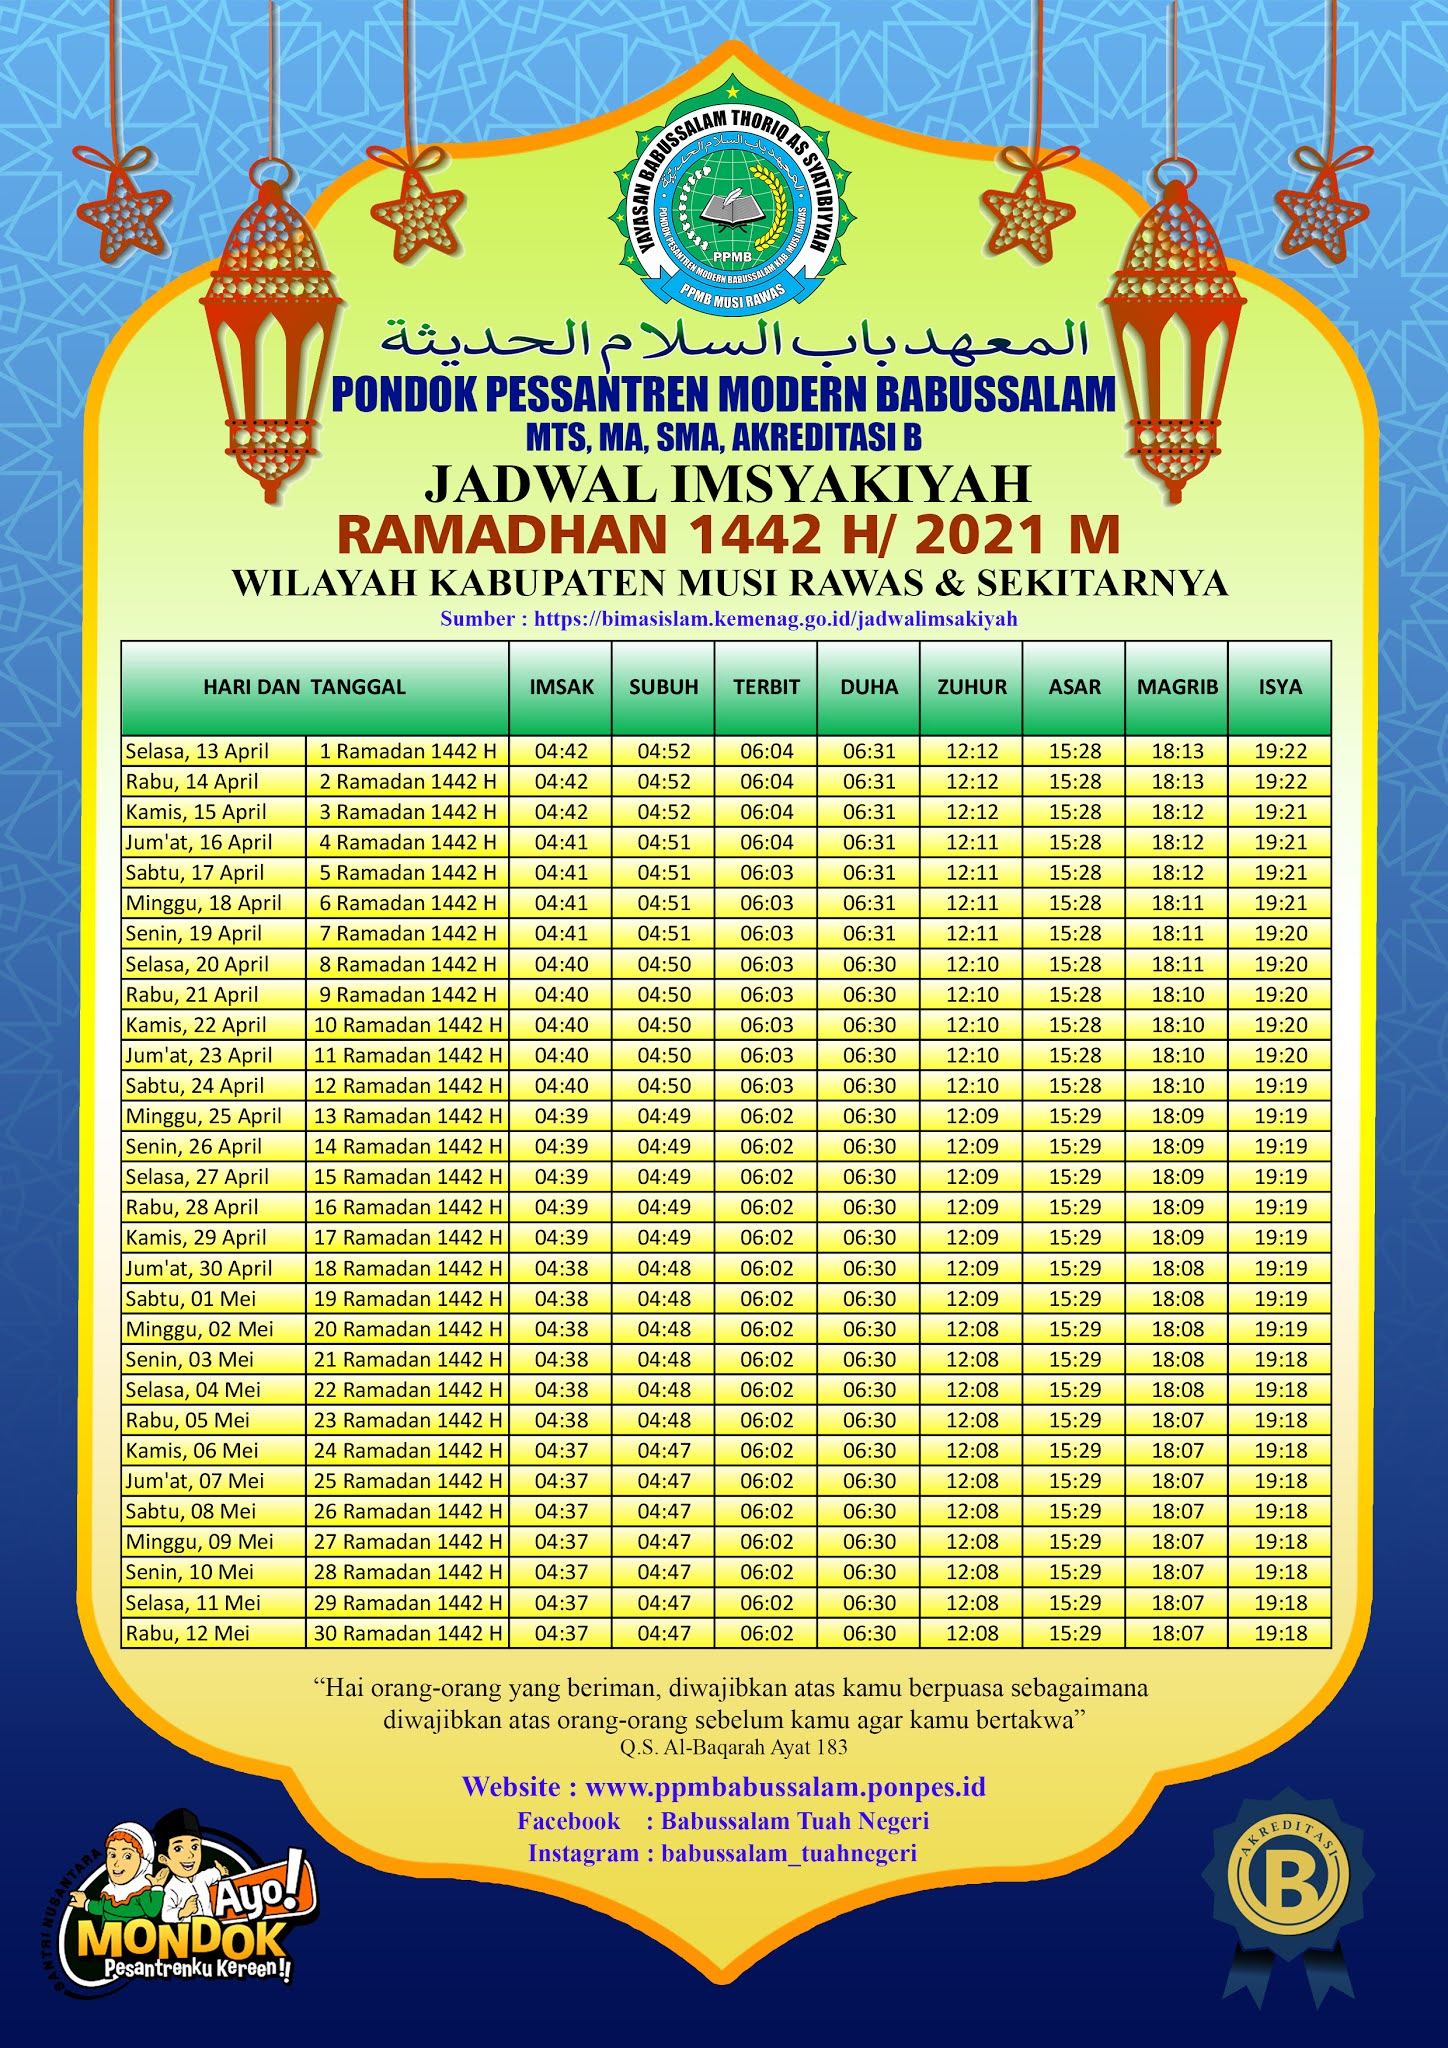 Jadwal Imsyakiyah Wilayah Kabupaten Musi Rawas dan Sekitarnya 2021